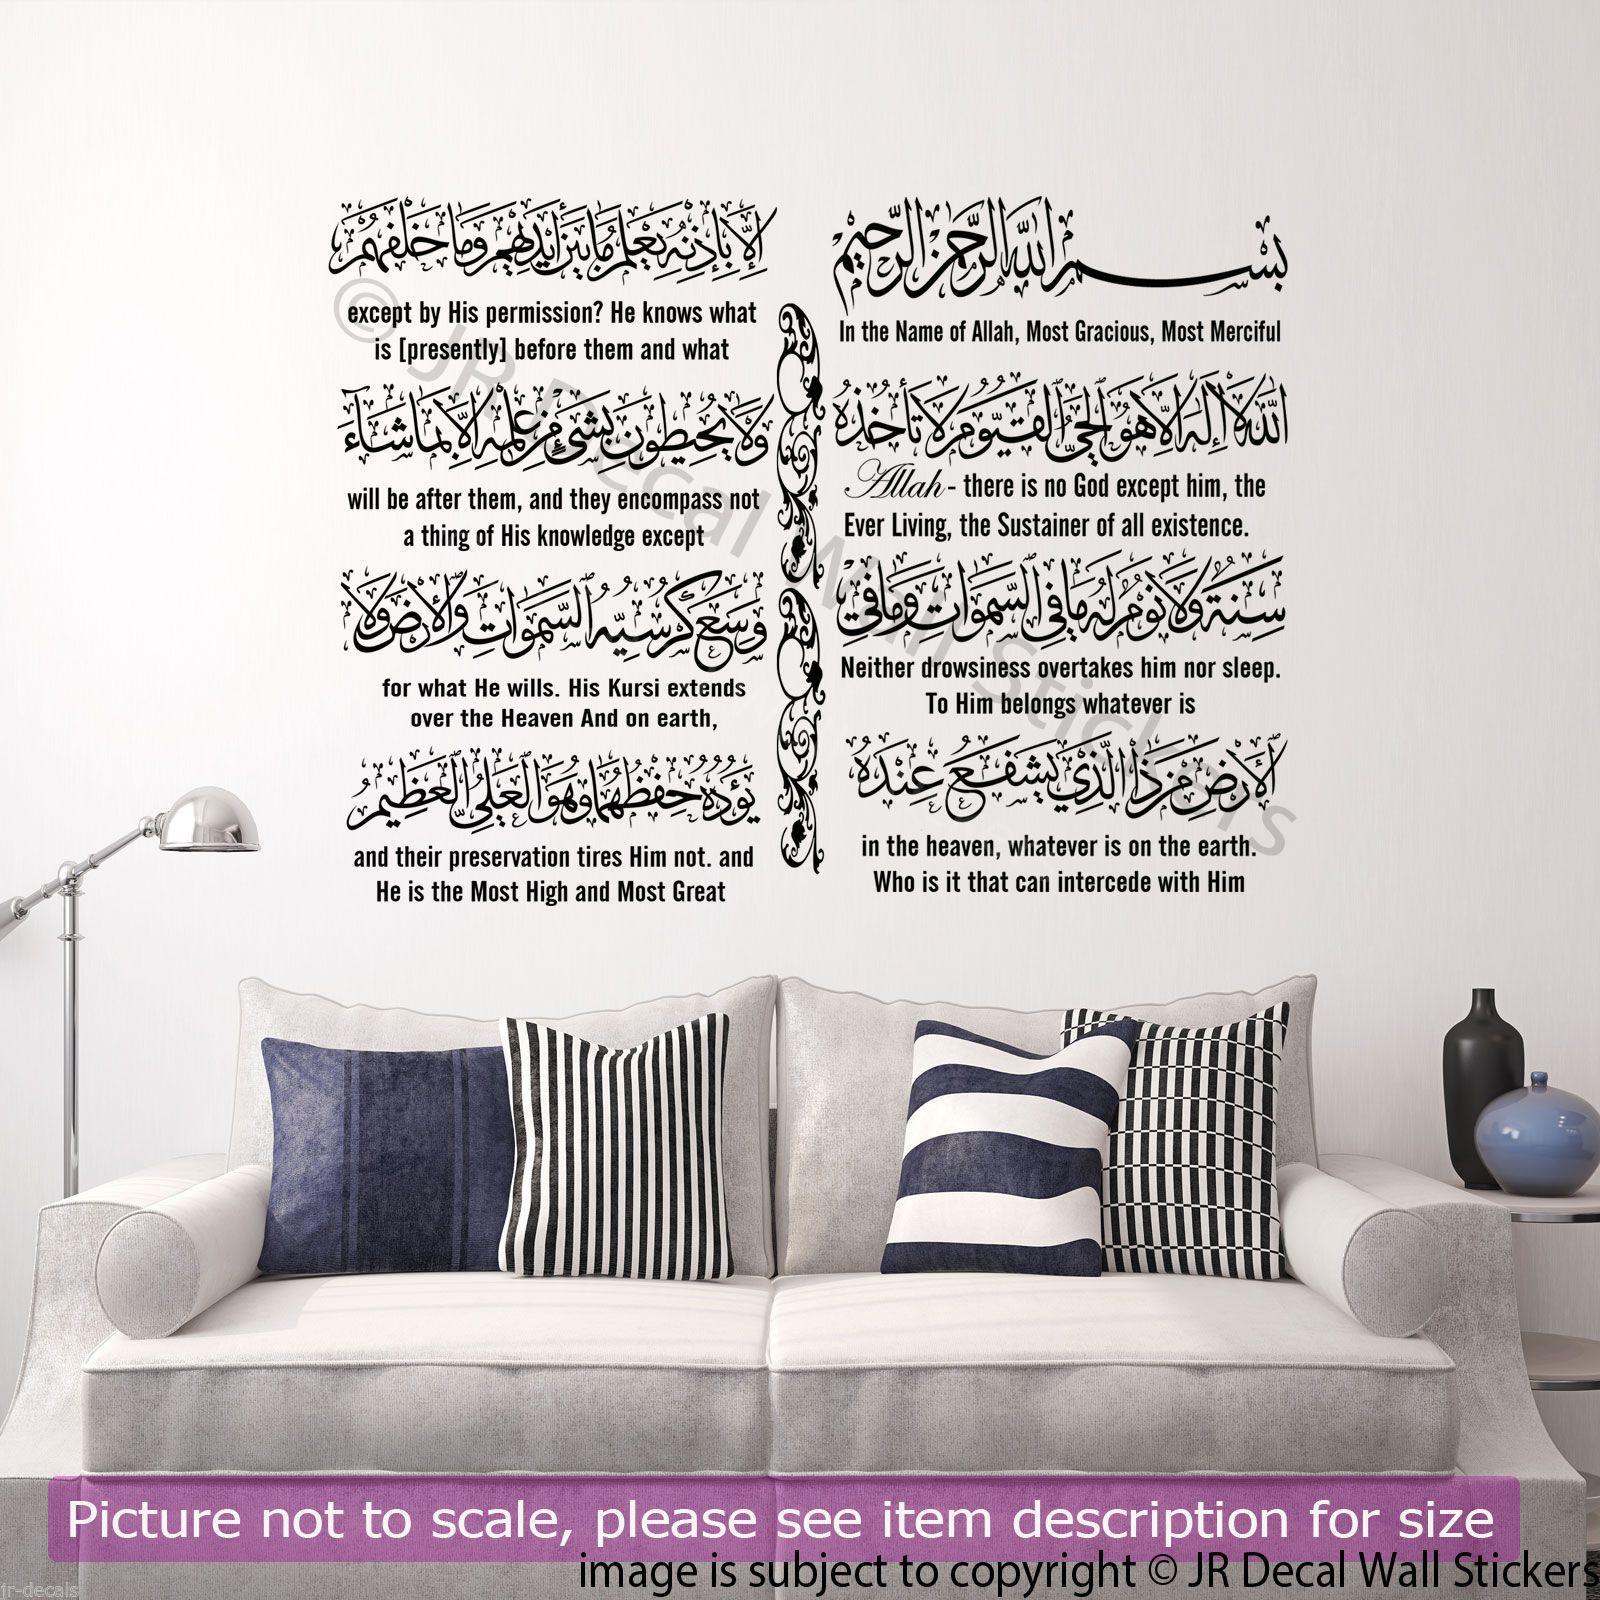 Ayatul Kursi Islamic Wall Art Stickers With English Translation